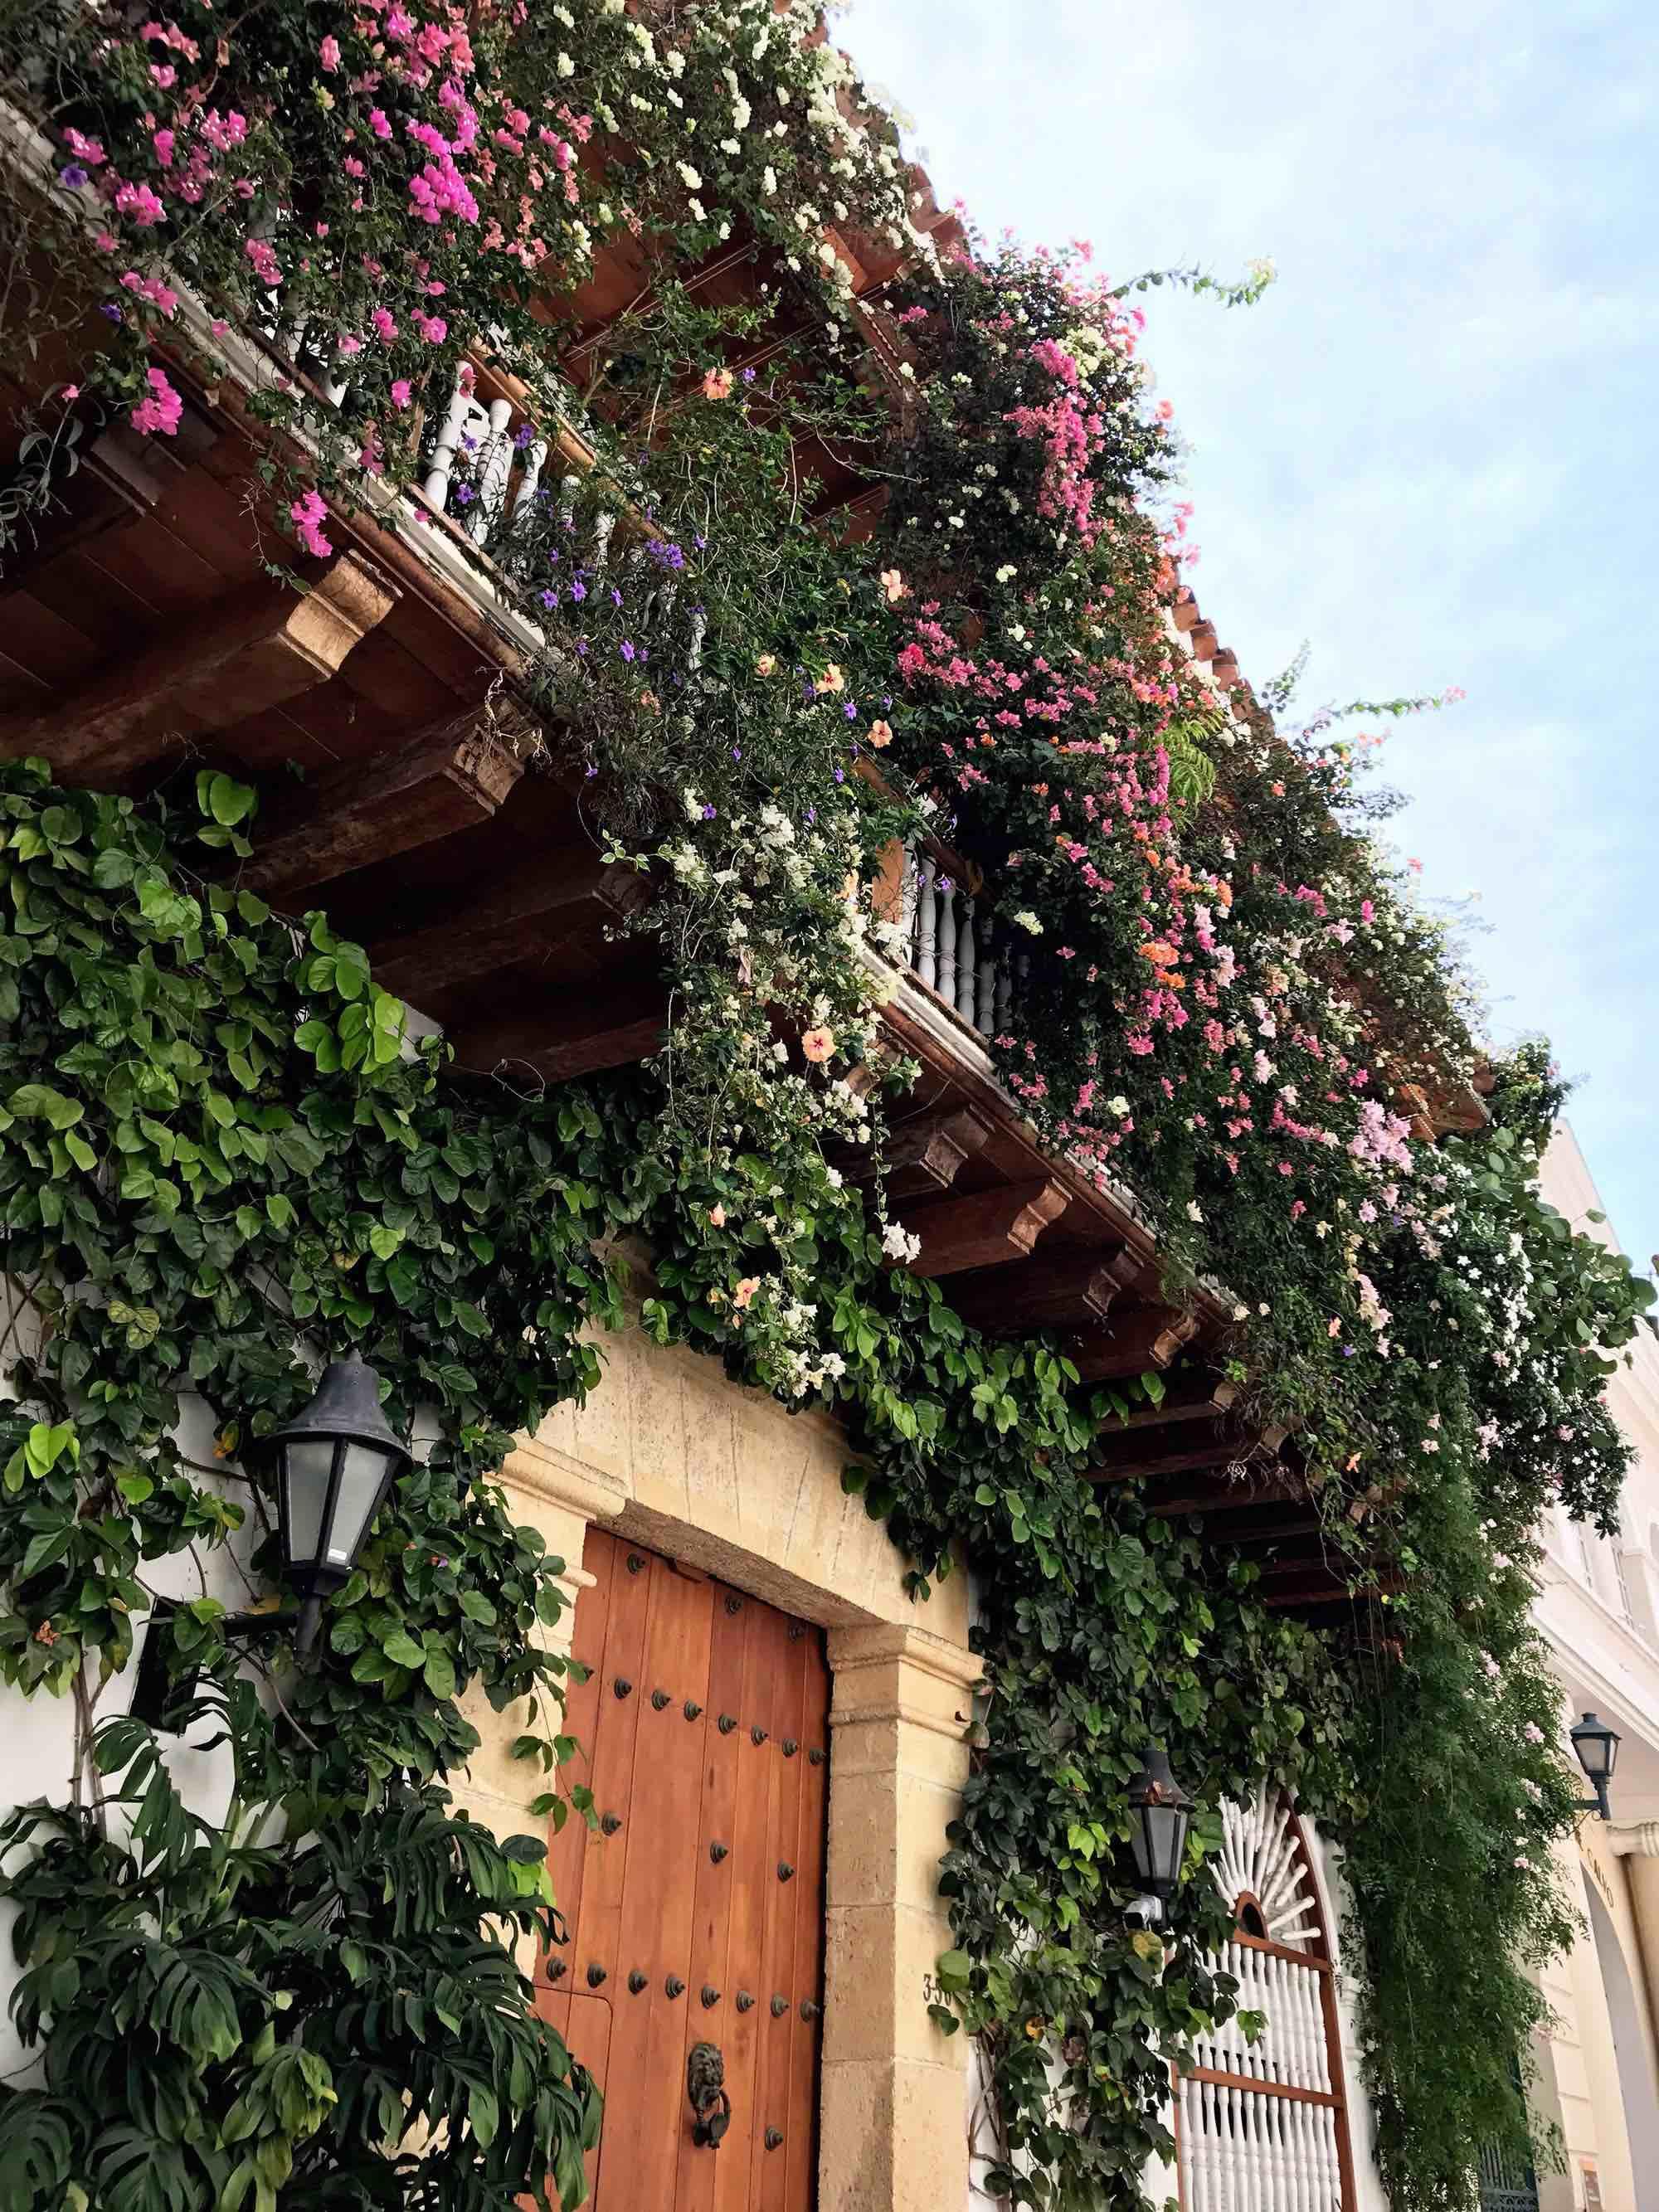 pictures of Cartagena, Colombia | Doors and Door Knockers of Cartagena, Colombia